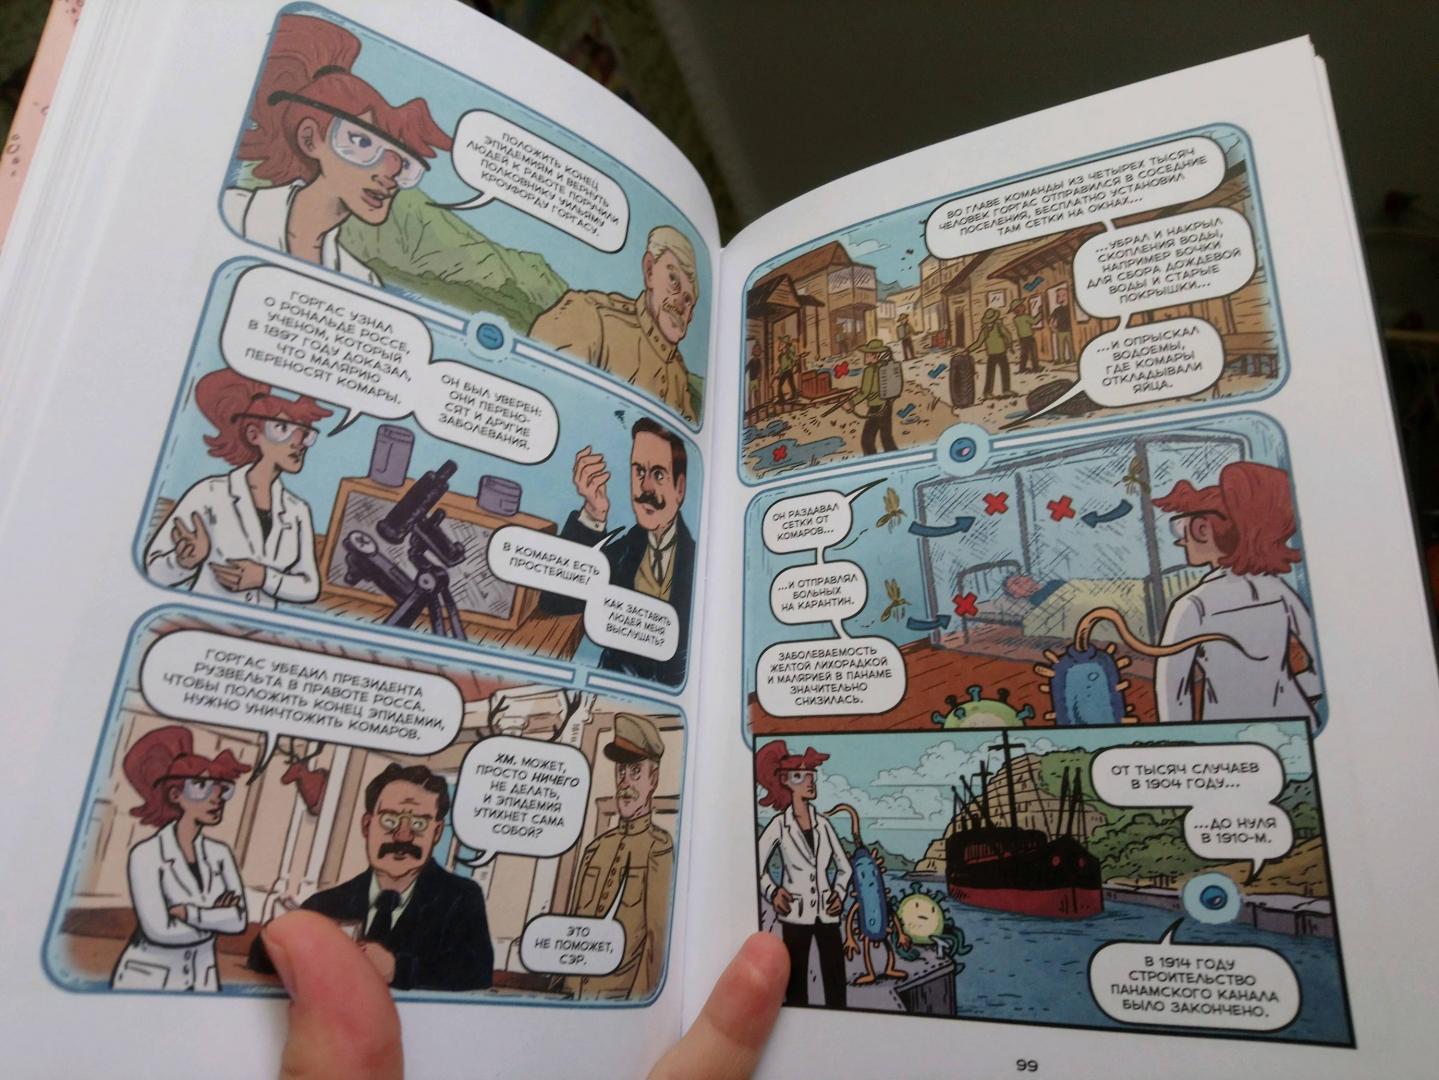 Иллюстрация 7 из 31 для Вирусы и микробы. Научный комикс - Фалинн Кох | Лабиринт - книги. Источник: Алексеевна zvezdik78